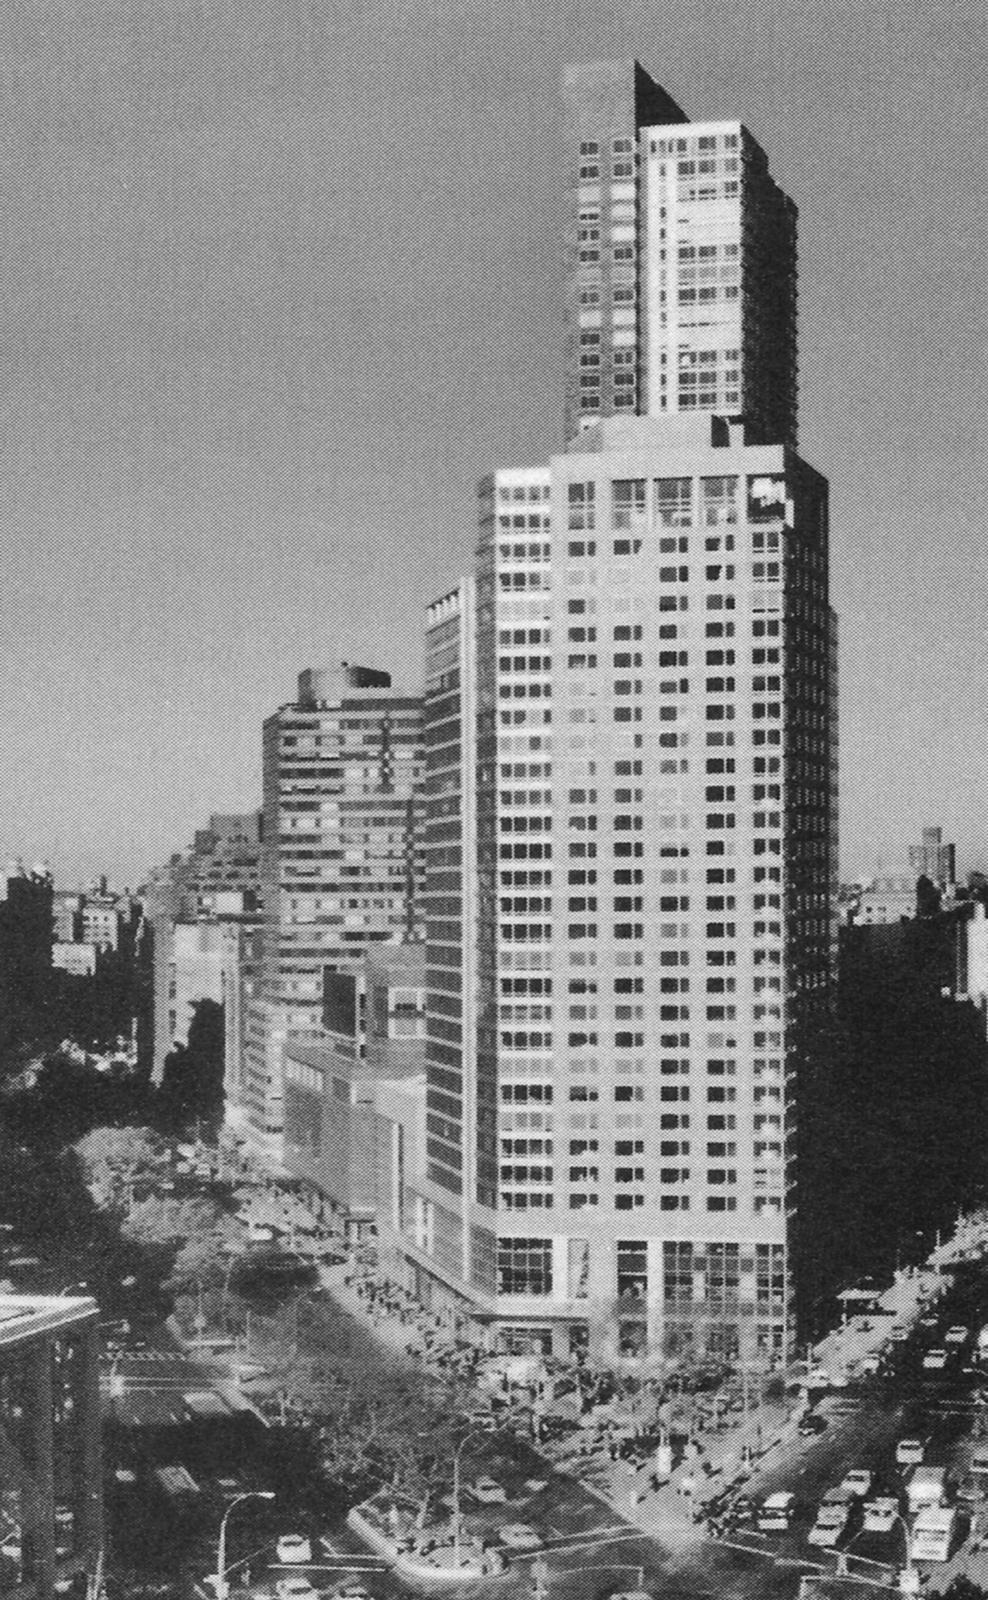 نمونه ی موردی در ارتباط با خانههای بلندمرتبه: مثلث لینکُلن، نیویورک